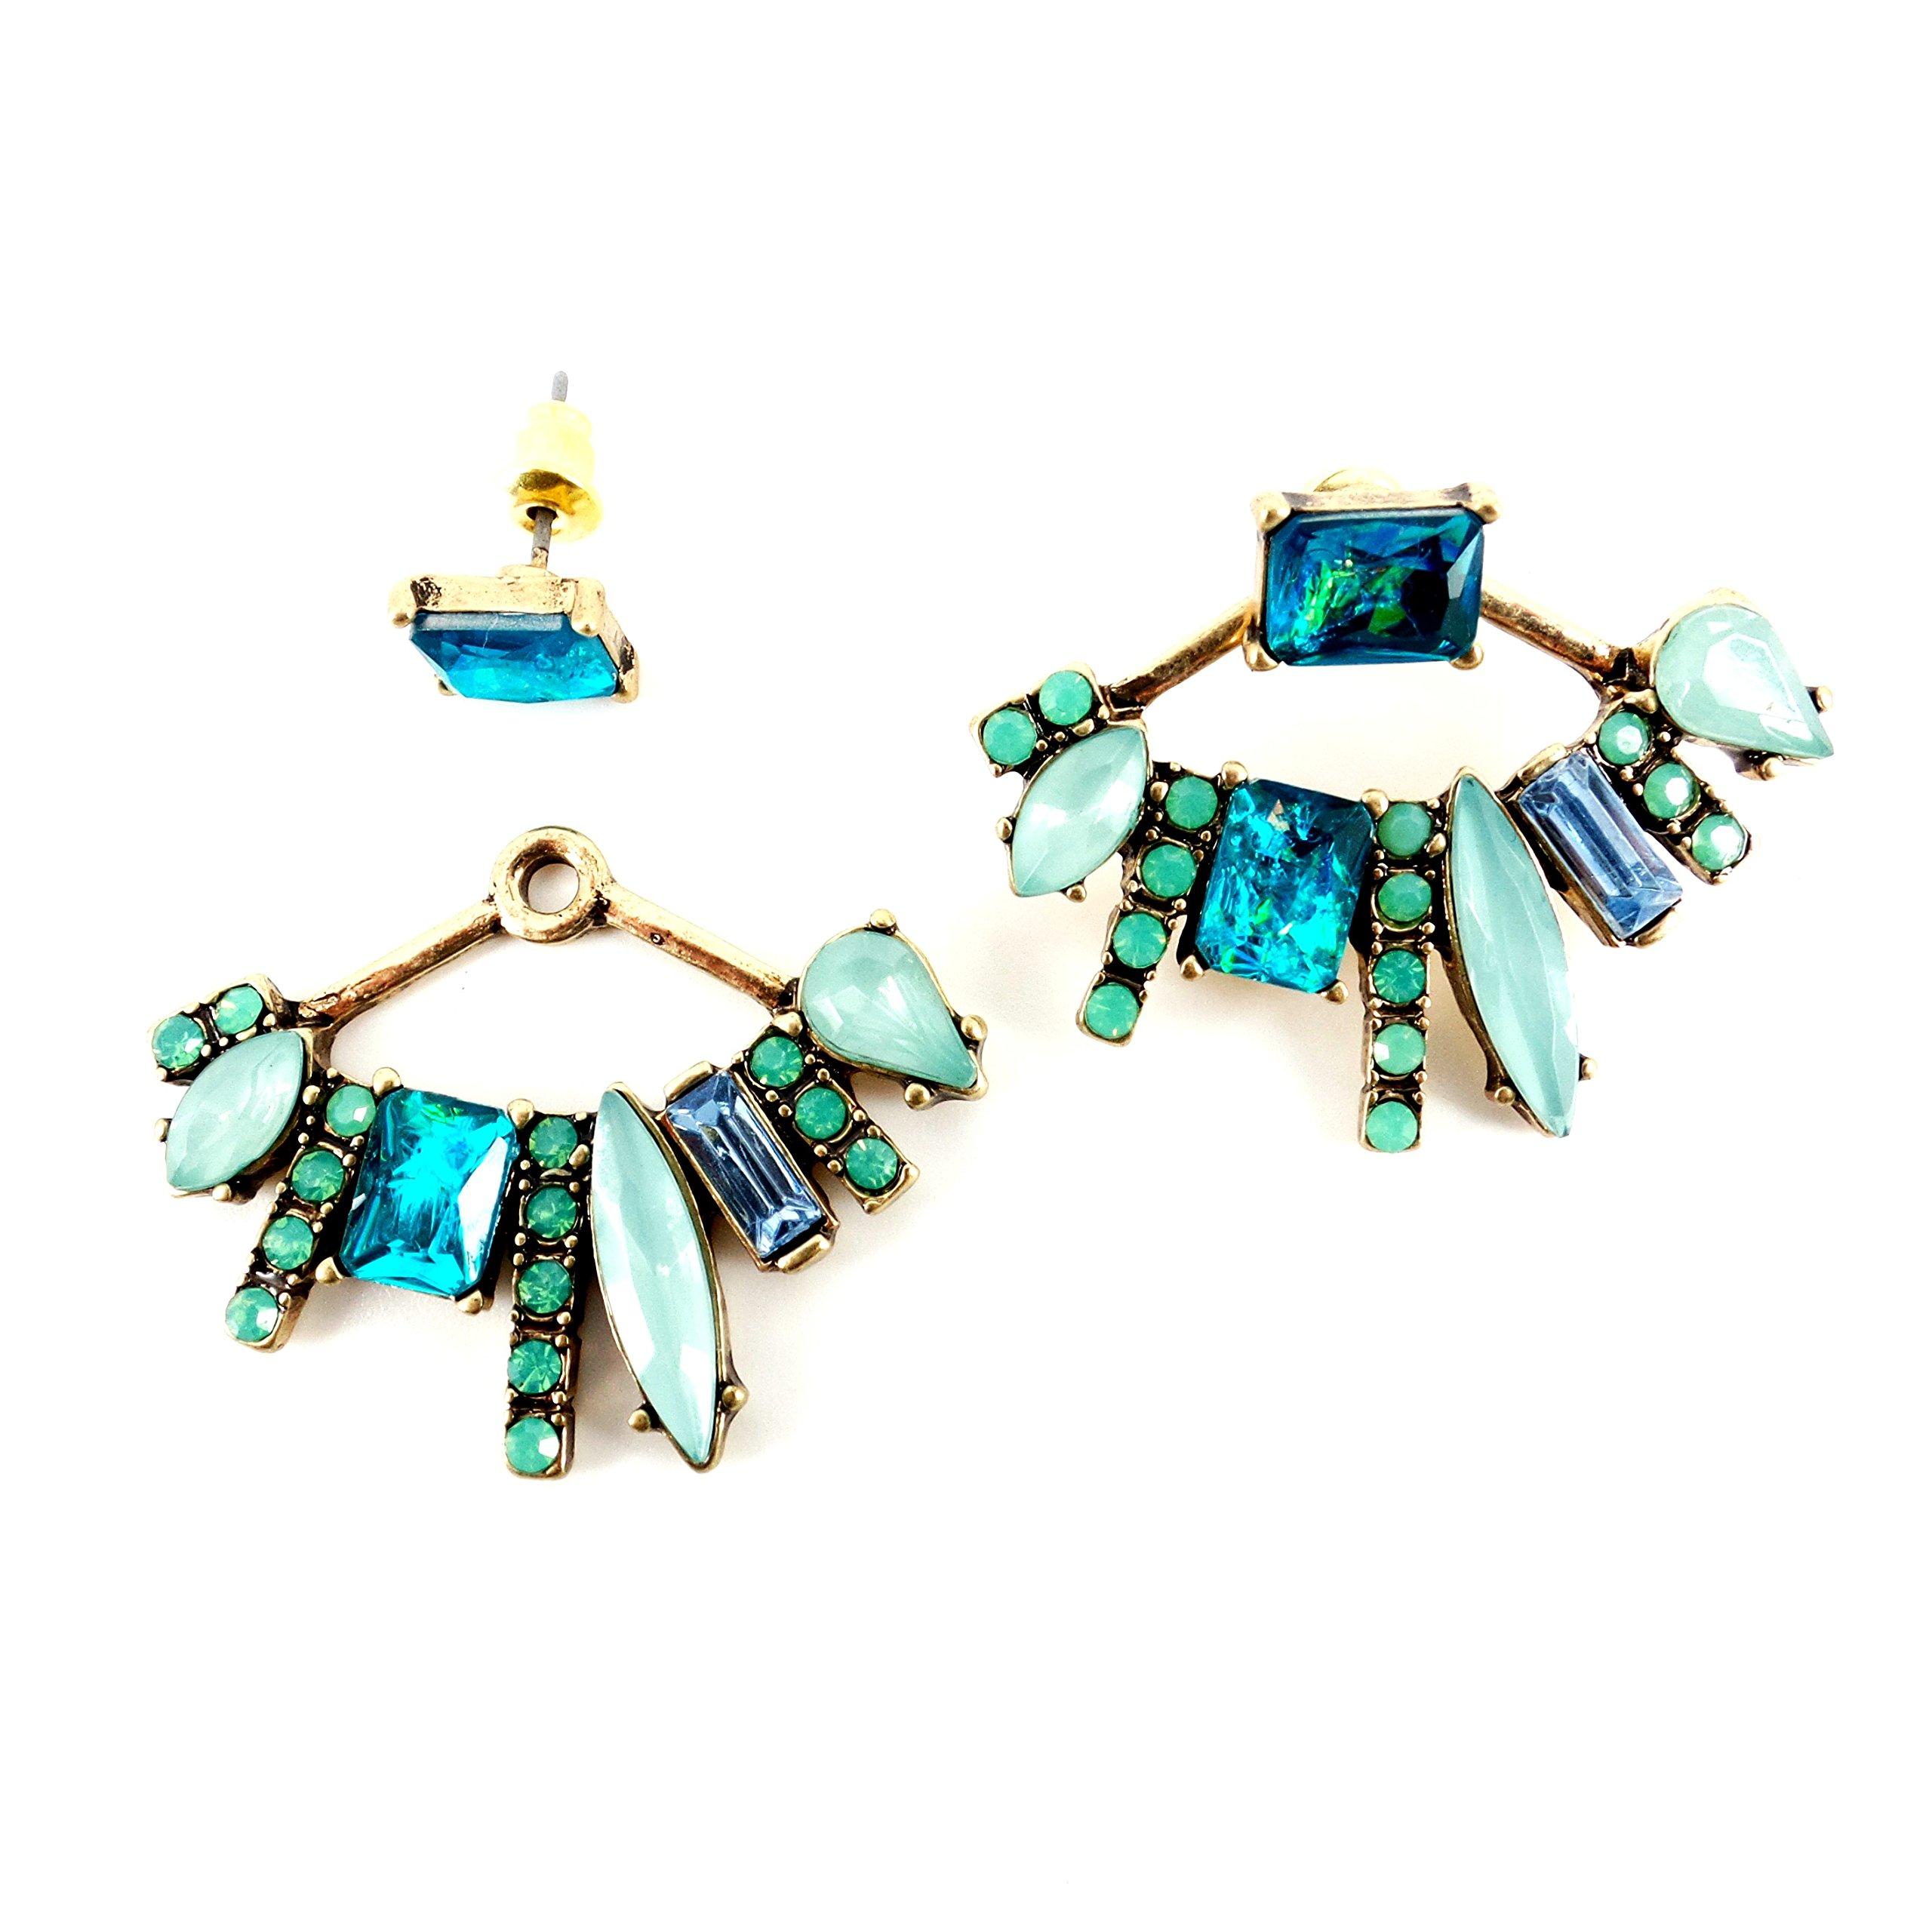 Chic Urban Mint Opal Fire Blue Crystal Statement Ear Jacket Gold Earrings New Trend Gift Idea